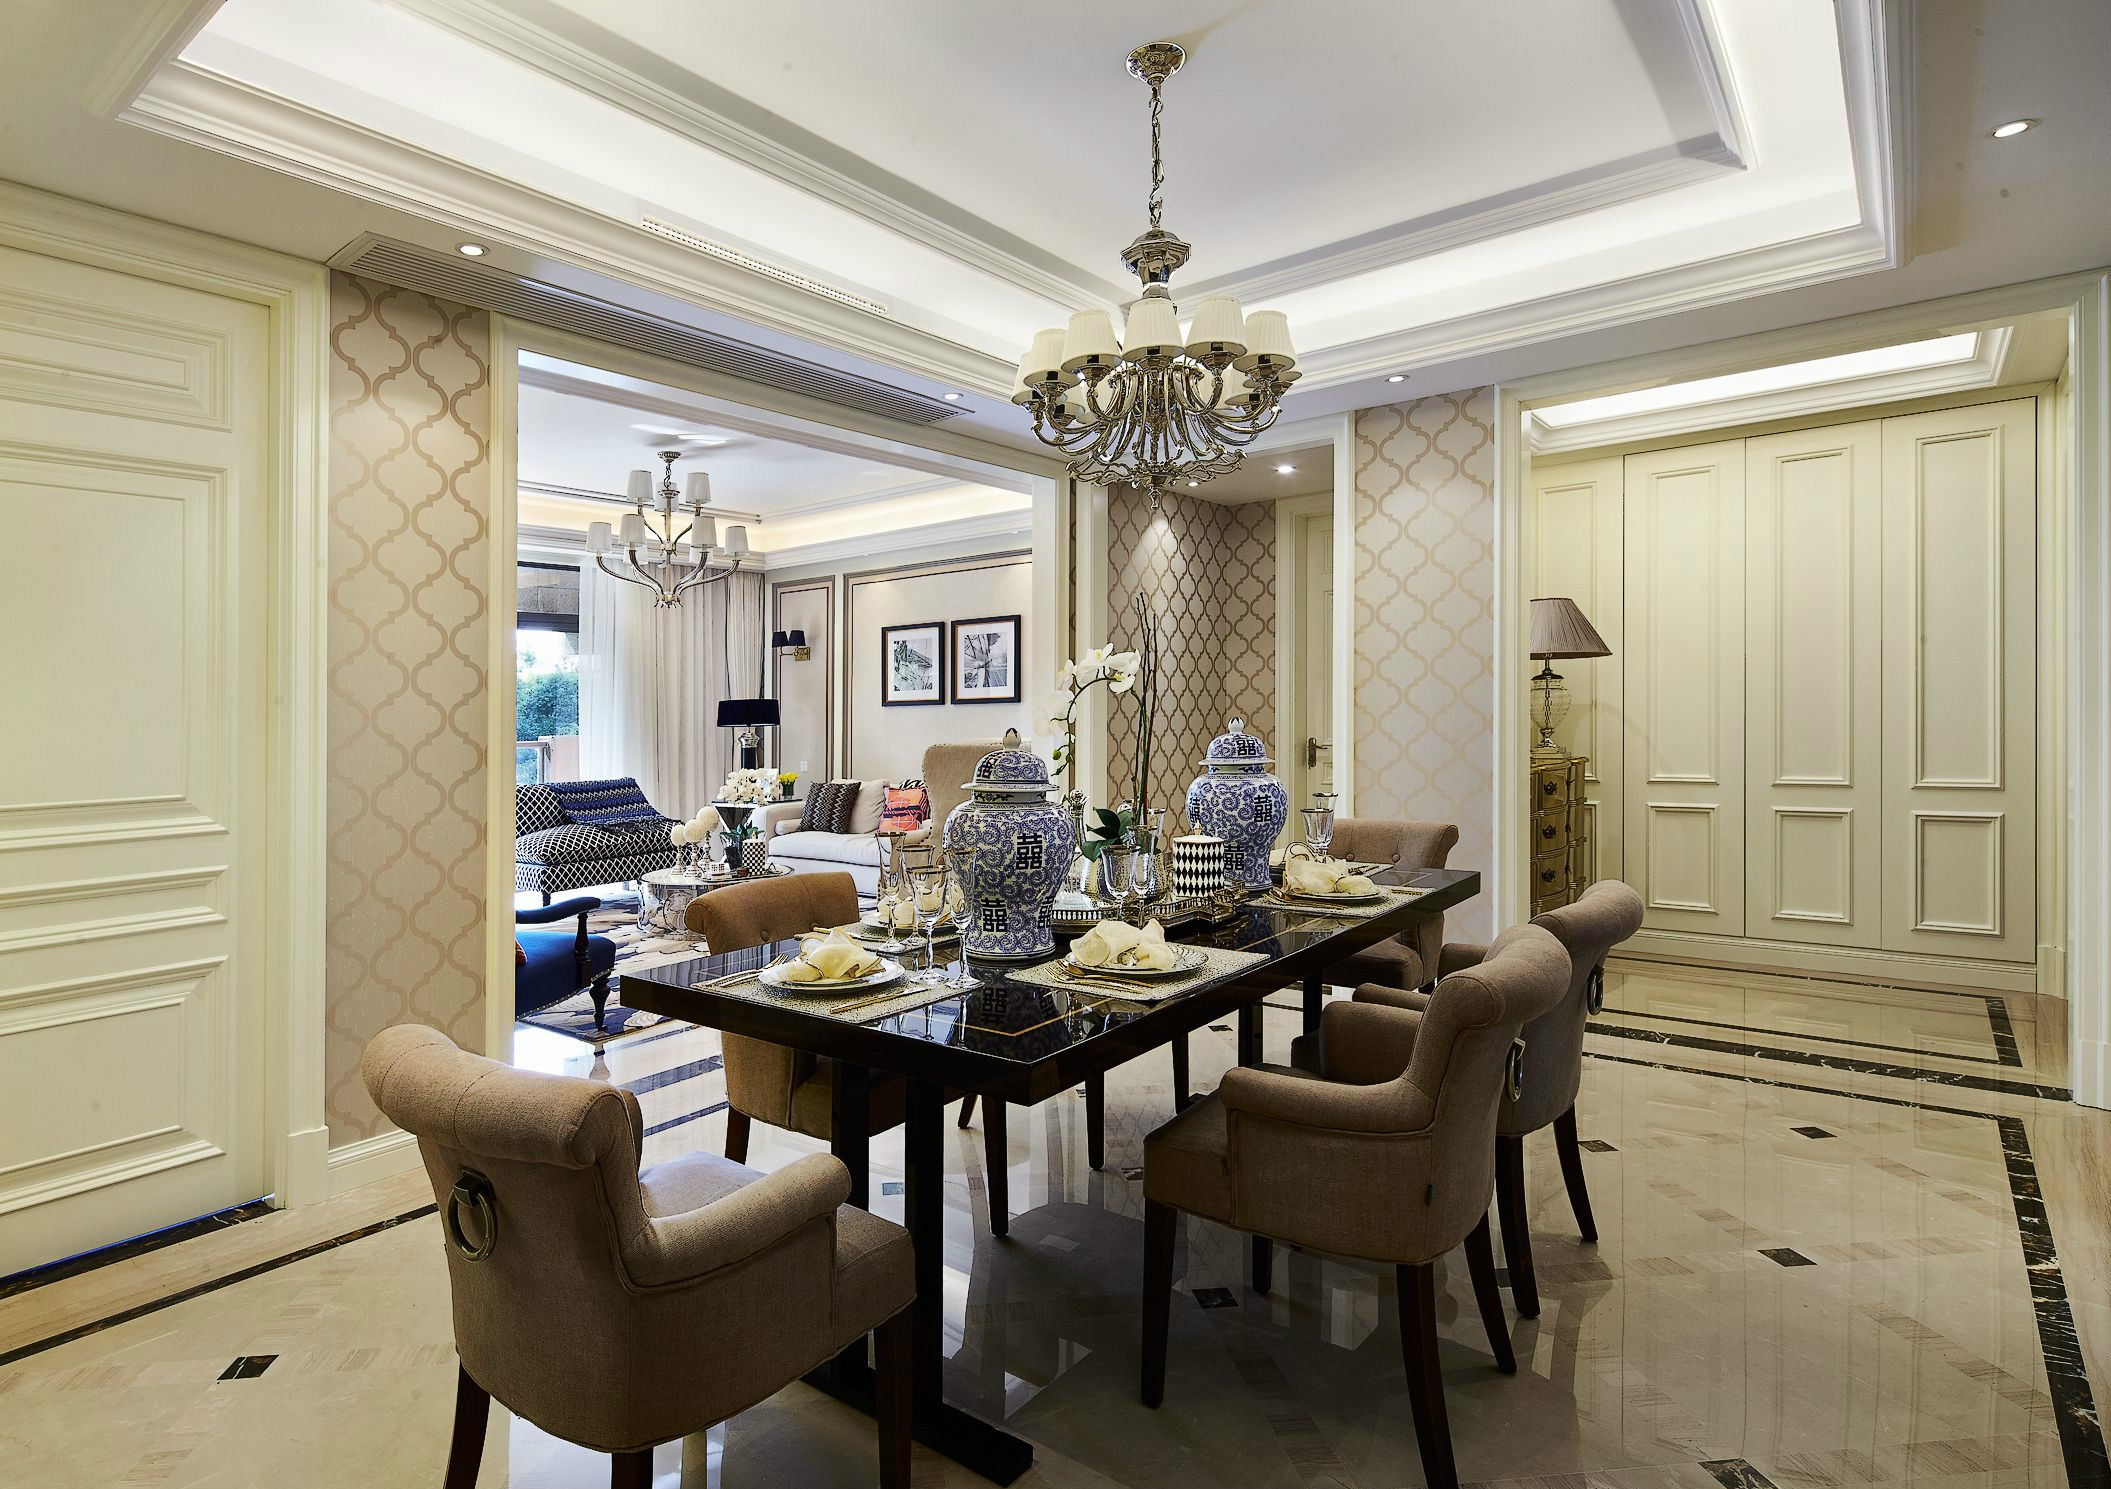 华丽的灯池与餐桌交相呼应,搭配筒灯的柔和光线,营造出浪漫舒适的就餐环境。